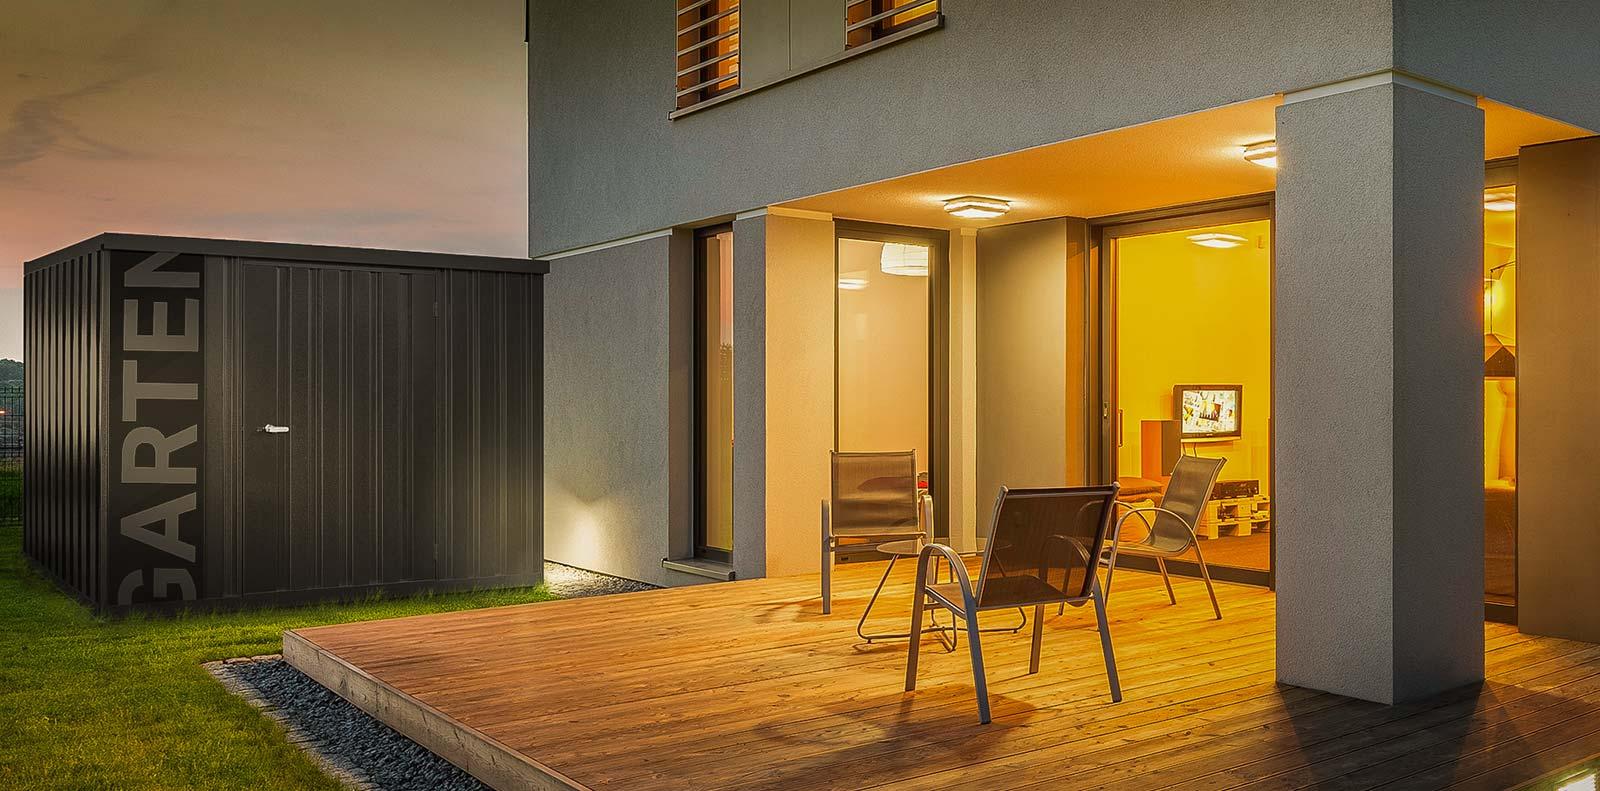 gardenboxx-geraetehaus-siebau